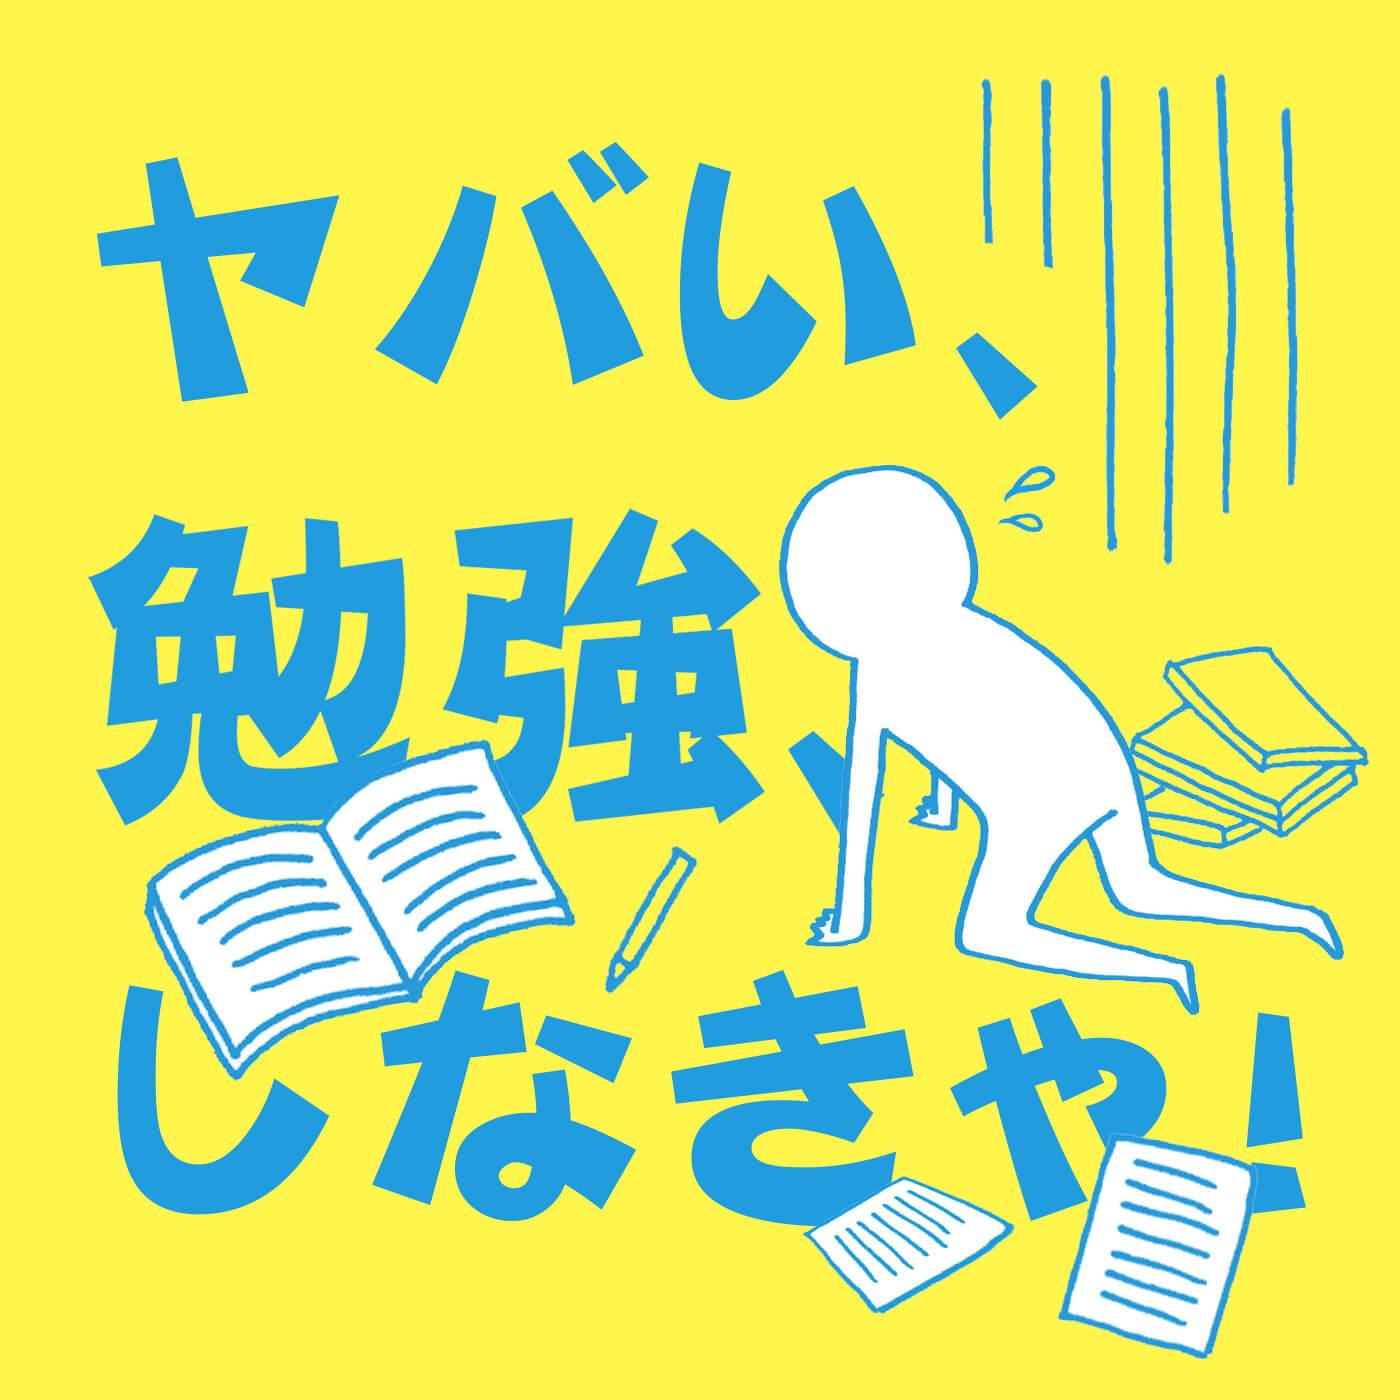 【無料インタビュー音声】 ヤバい、勉強、しなきゃ!